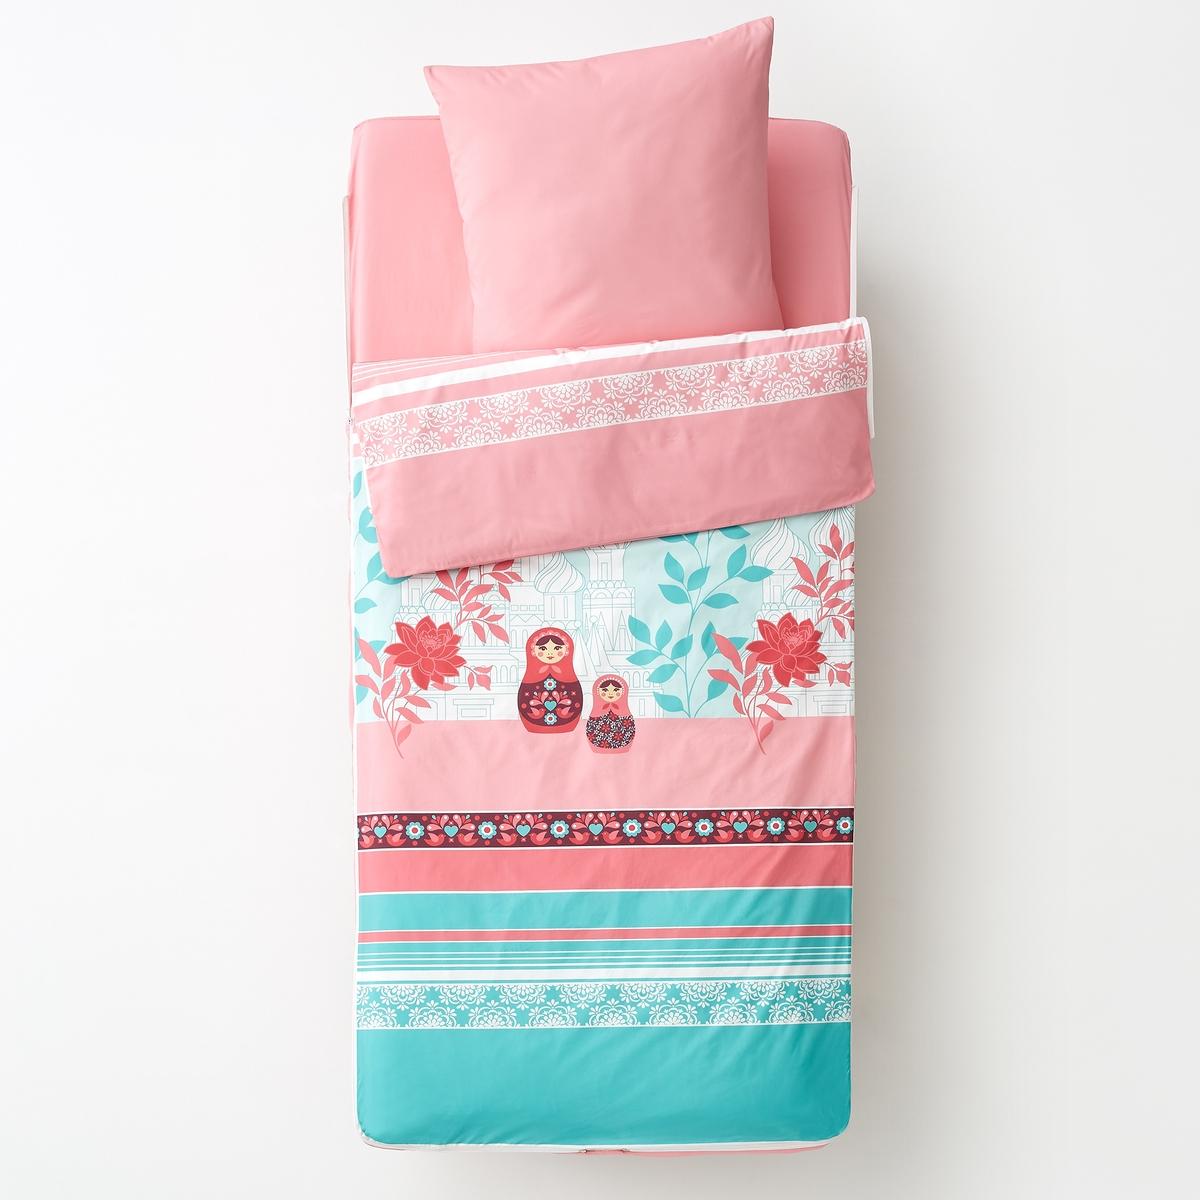 Комплект постельный с одеялом готов ко сну AnastasiaКомплект постельного белья без одеяла Anastasia. Отличное решение для двухъярусных кроватей, на отдыхе или для организации дополнительного спального места ! Маленькая хитрость ? Пододеяльник и натяжная простыня застегиваются на молнию ! Характеристики комплекта Anastasia :В комплекте : Размер 90 x 140 см : 1 пододеяльник 90 x 140 см + 1 натяжная простыня 90 x 140 см + 1наволочка 63 x 63 см Размеры 90 x 190 см : 1 пододеяльник 90 x 190 см + 1 натяжная простыня 90 x 190 см + 1 наволочка 63 x 63 см Состав комплекта с одеялом Anastasia :100% хлопок с плотным переплетением нитей 57 нитей/см?  : чем больше нитей/см?, тем выше качество материала.Внешняя часть комплекта стирать при 60°.. Комплект совместим с надувными матрасами Intex.Найдите все постельные комплекты caradous на сайте laredoute .ruРазмеры :90 x 140 см : раскладная кровать90 x 190 см : 1-сп.<br><br>Цвет: наб. рисунок/ розовый